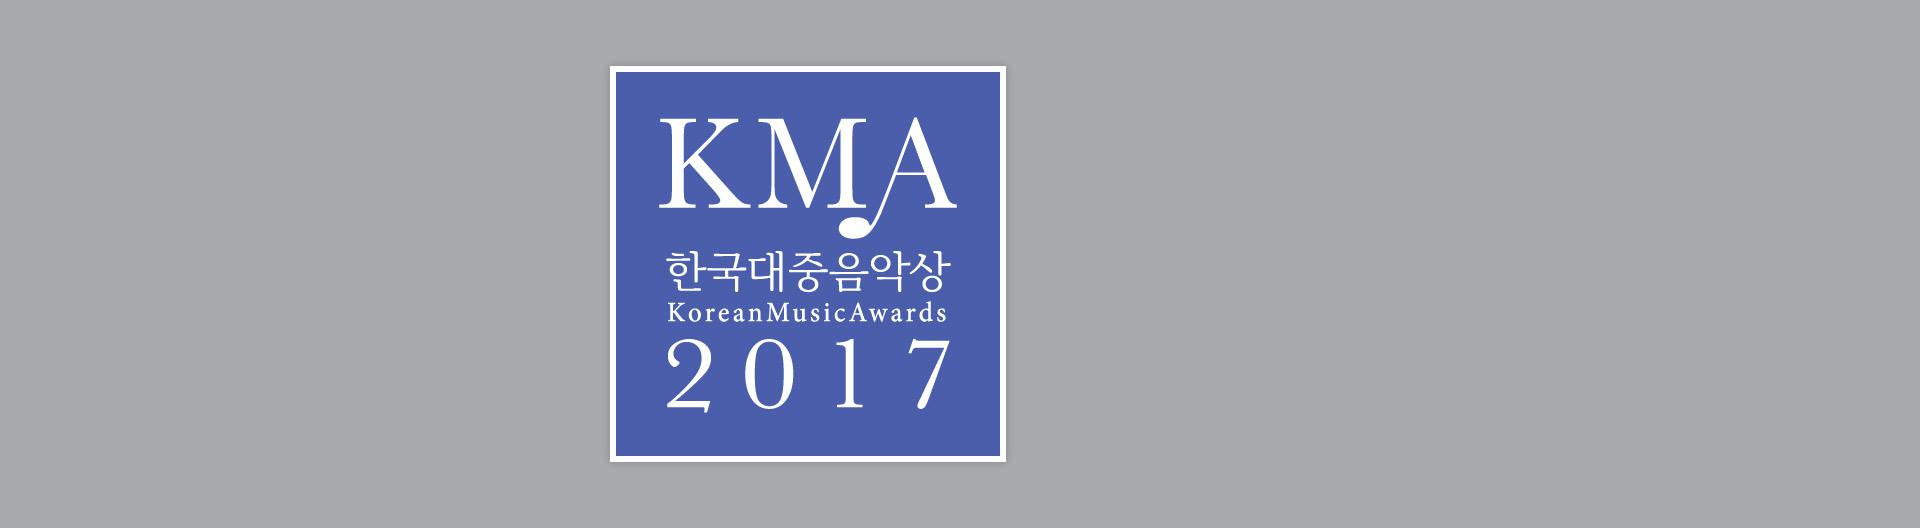 제14회 한국대중음악상